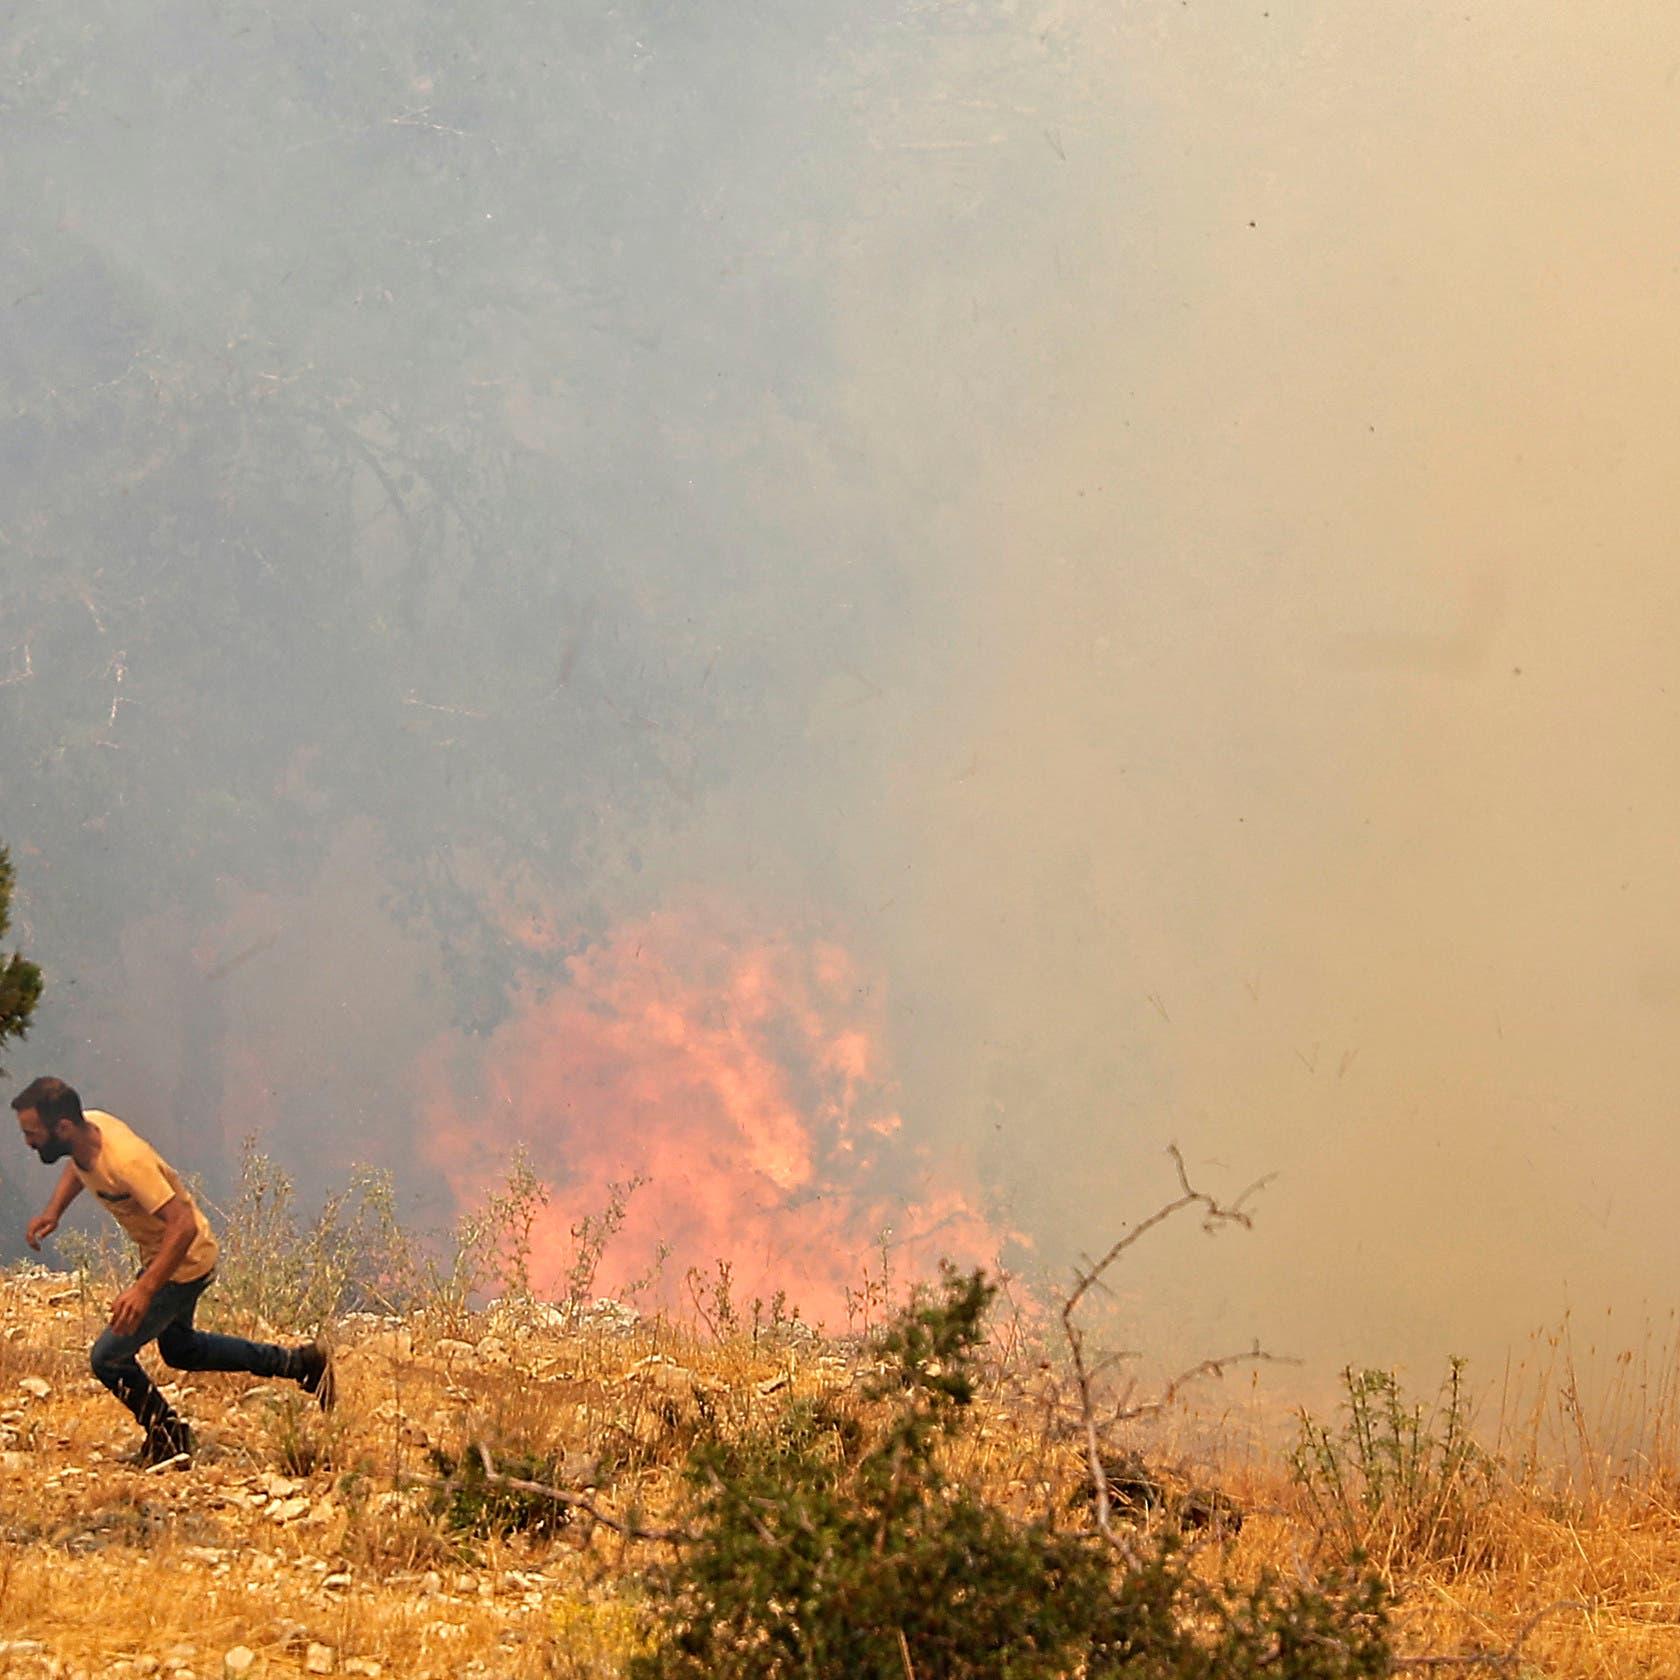 لبنان يكافح لاحتواء حرائق ضخمة مستمرة لليوم الثالث